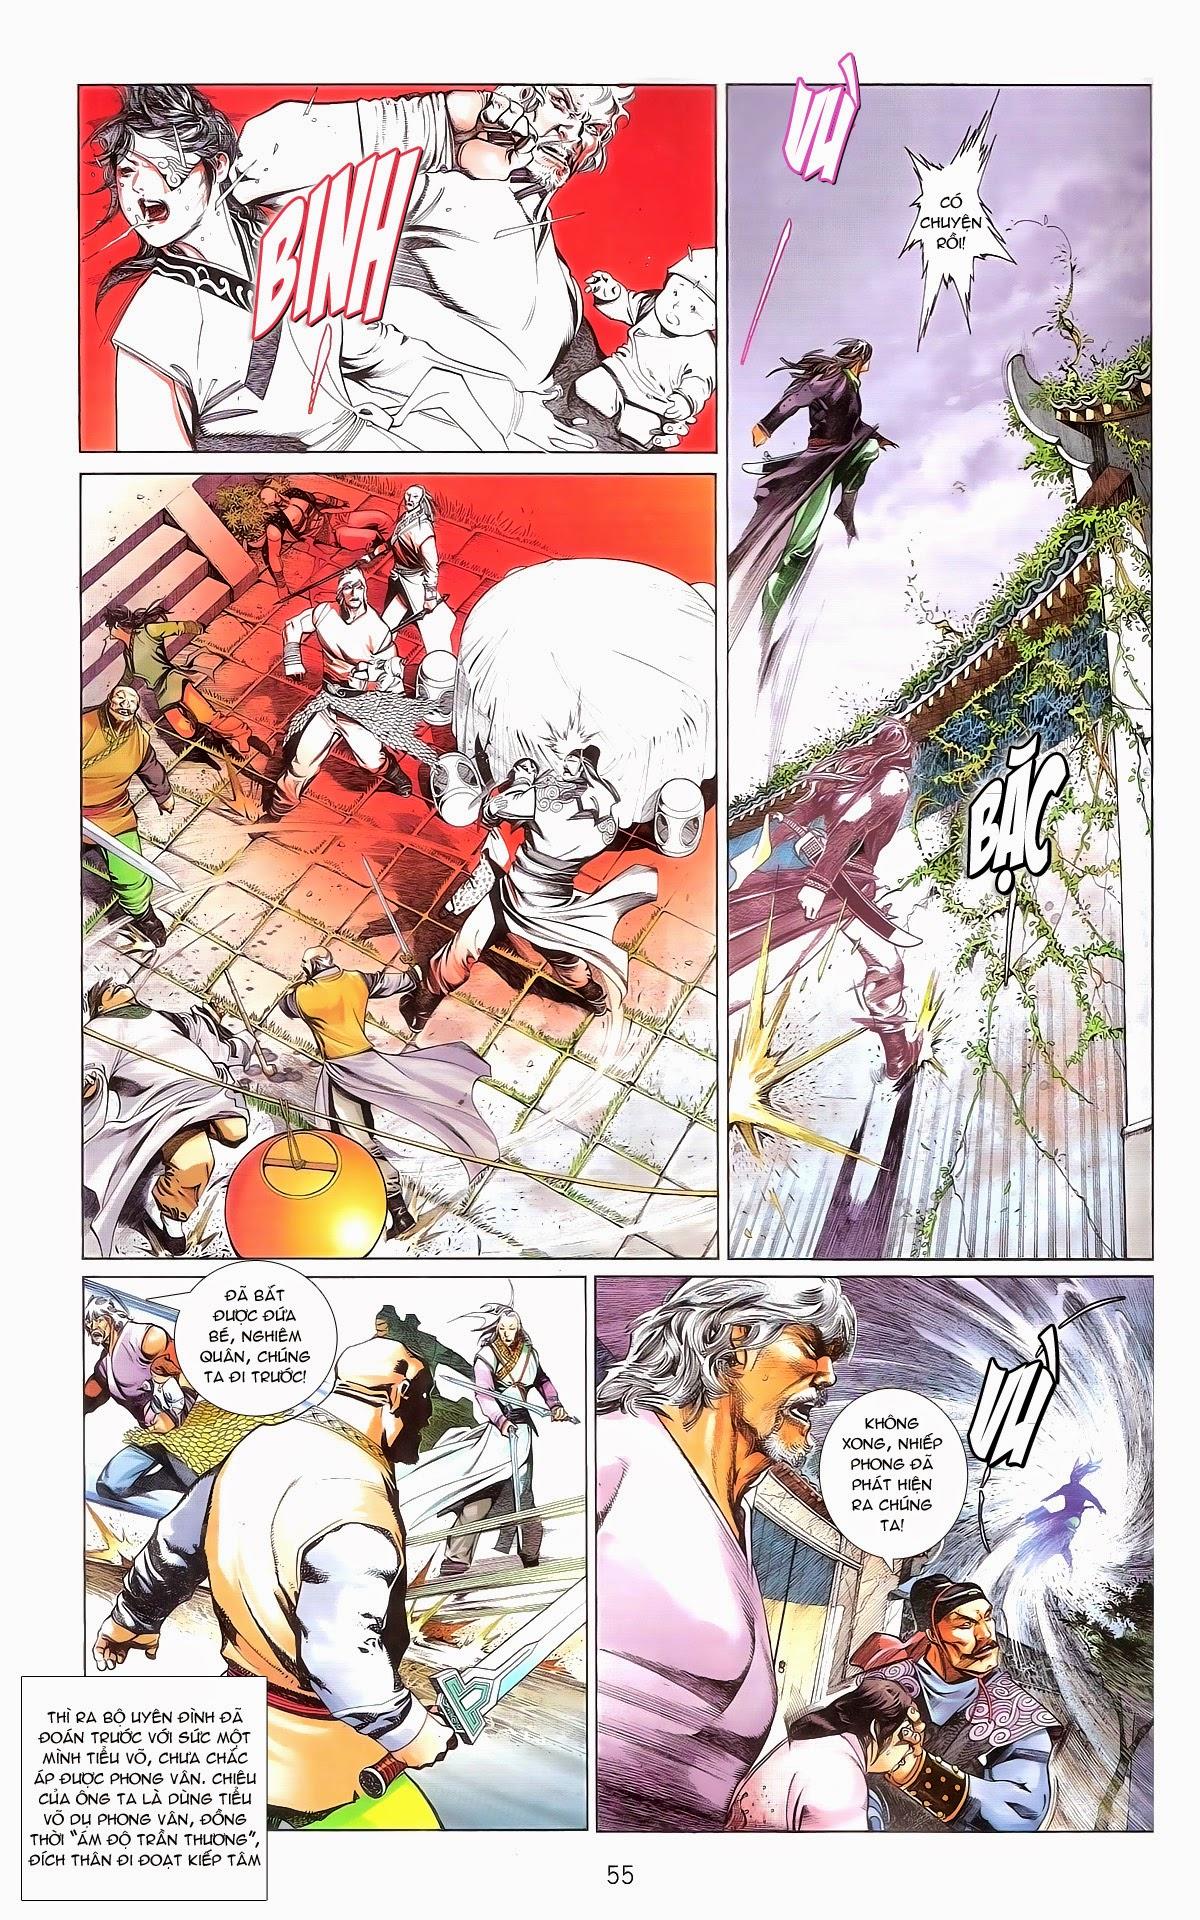 Phong Vân chap 674 – End Trang 57 - Mangak.info